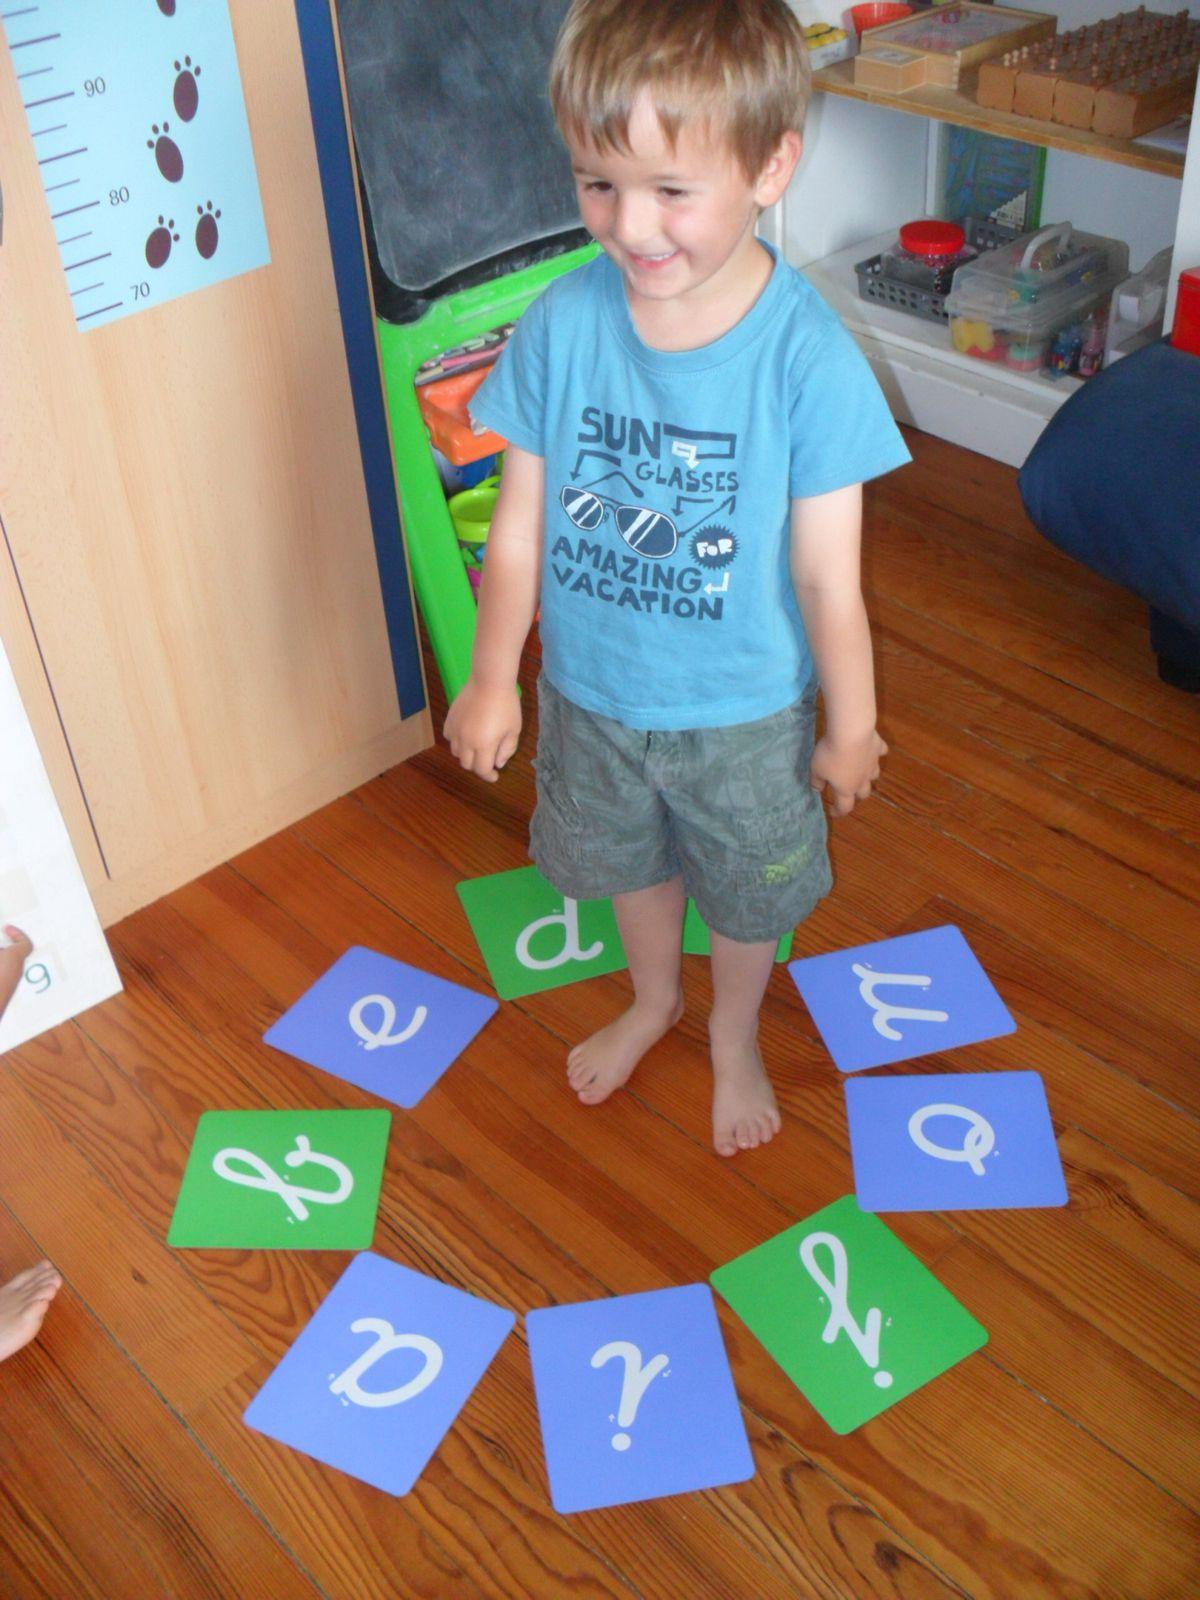 Demander à l'enfant de se placer au milieu du cercle.